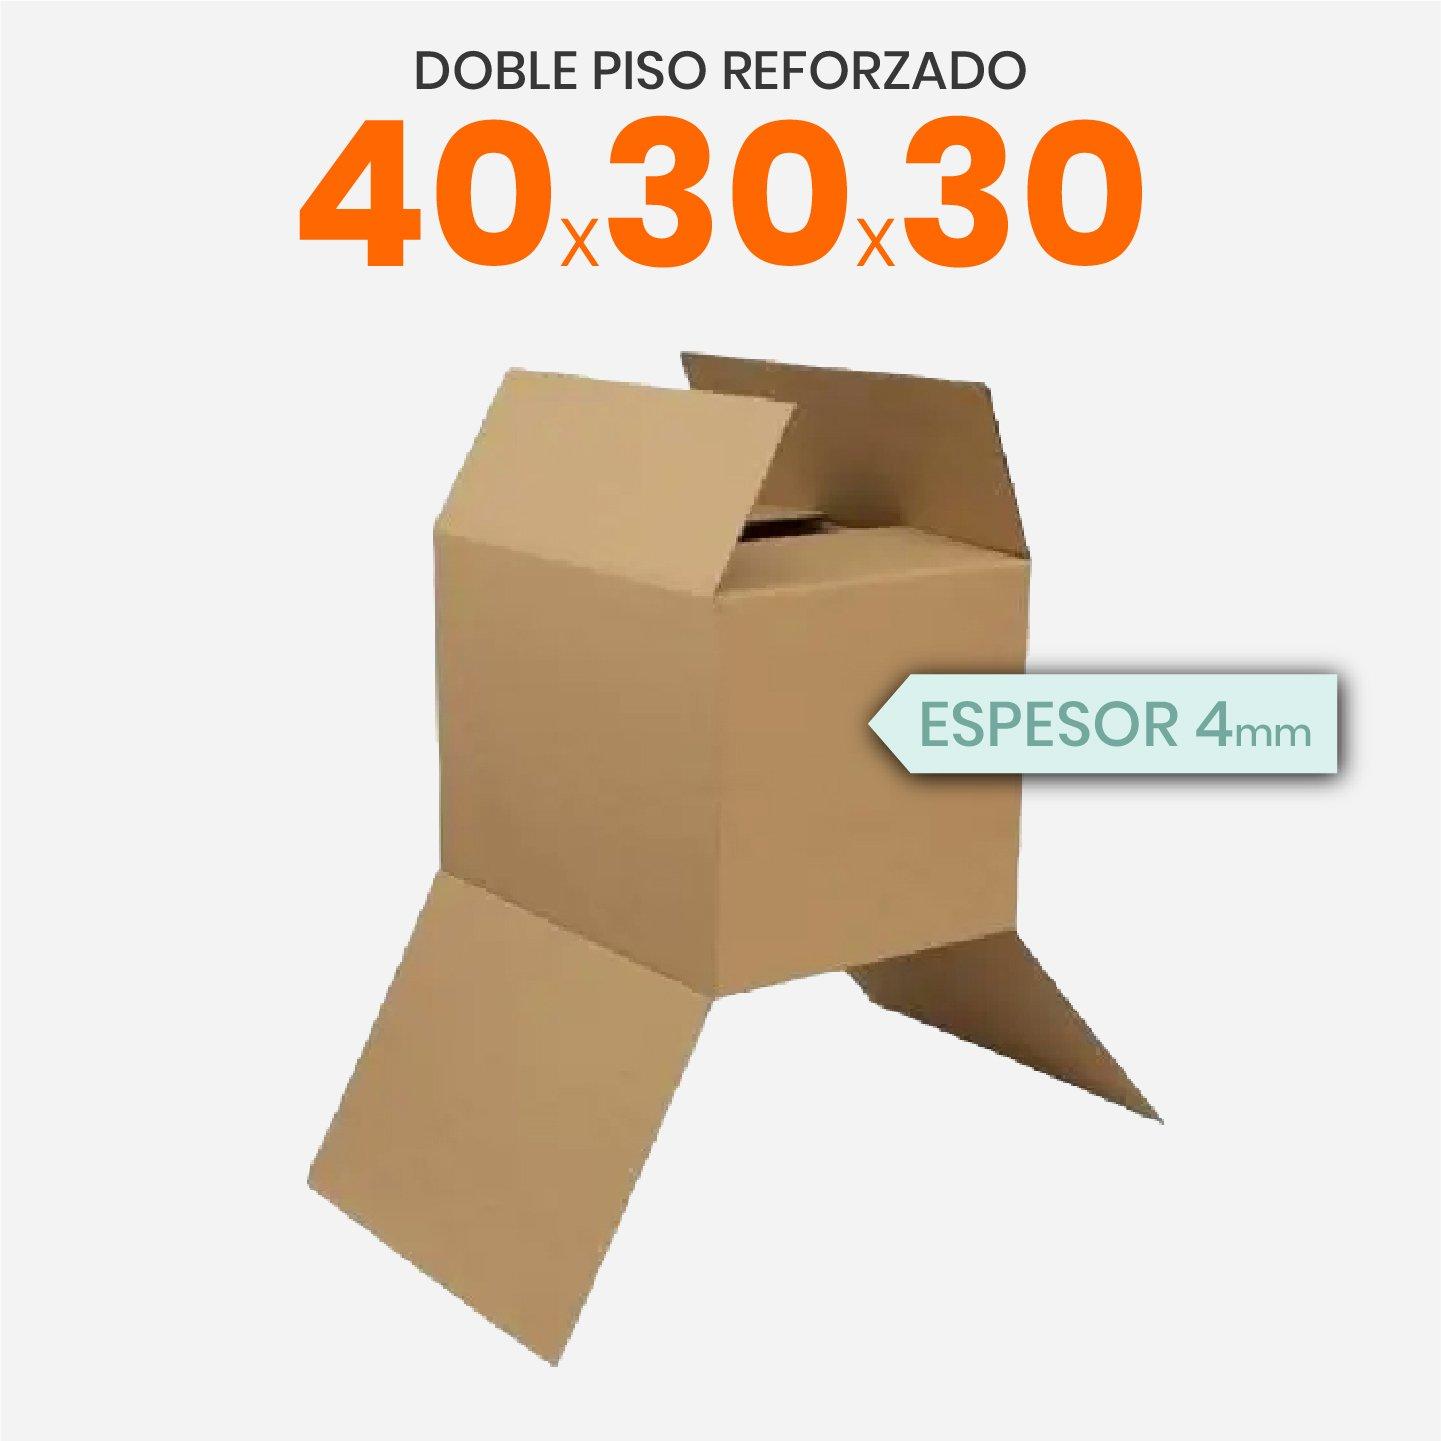 Caja De Cartón Corrugado Reforzada 40x30x30 4mm Doble Piso Reforzado